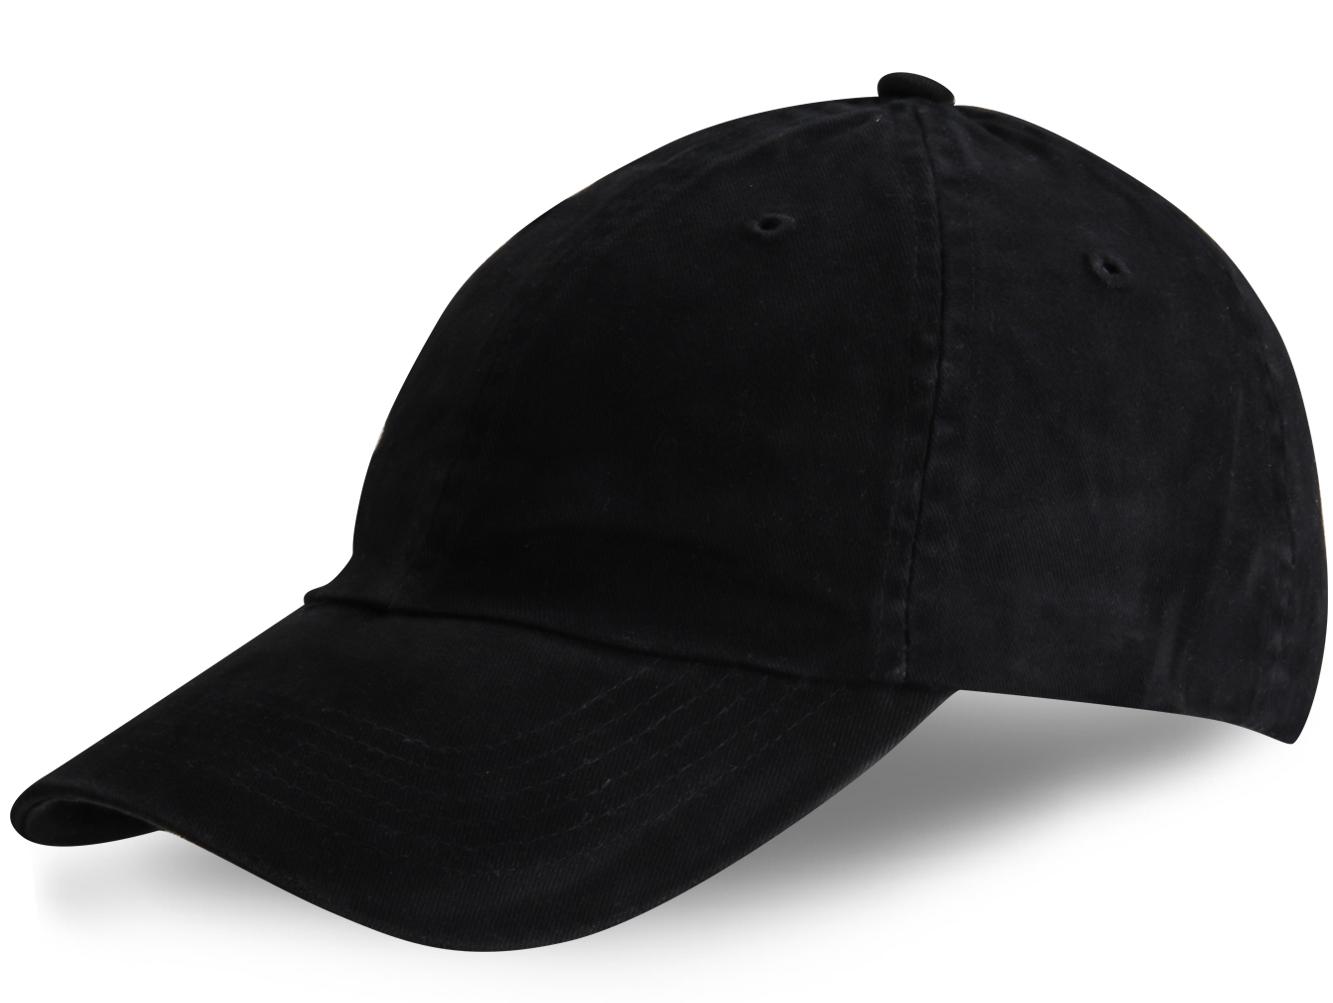 Бейсболка черная - купить в интернет-магазине